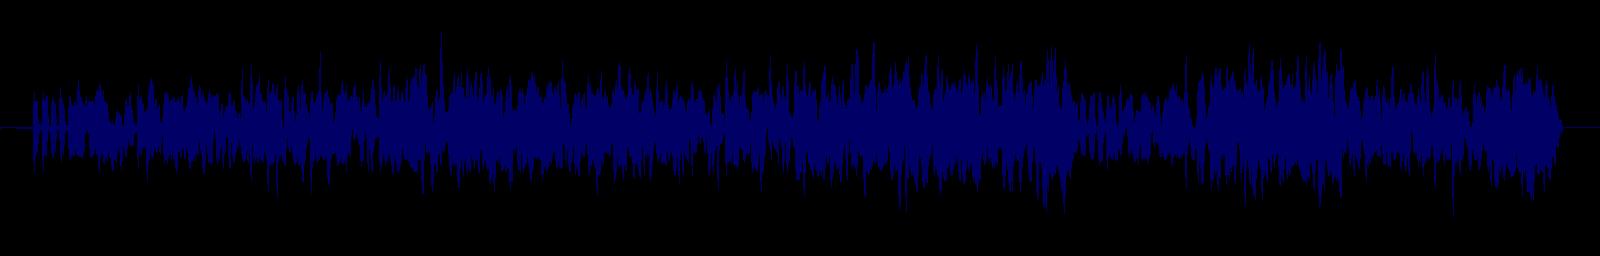 waveform of track #159498